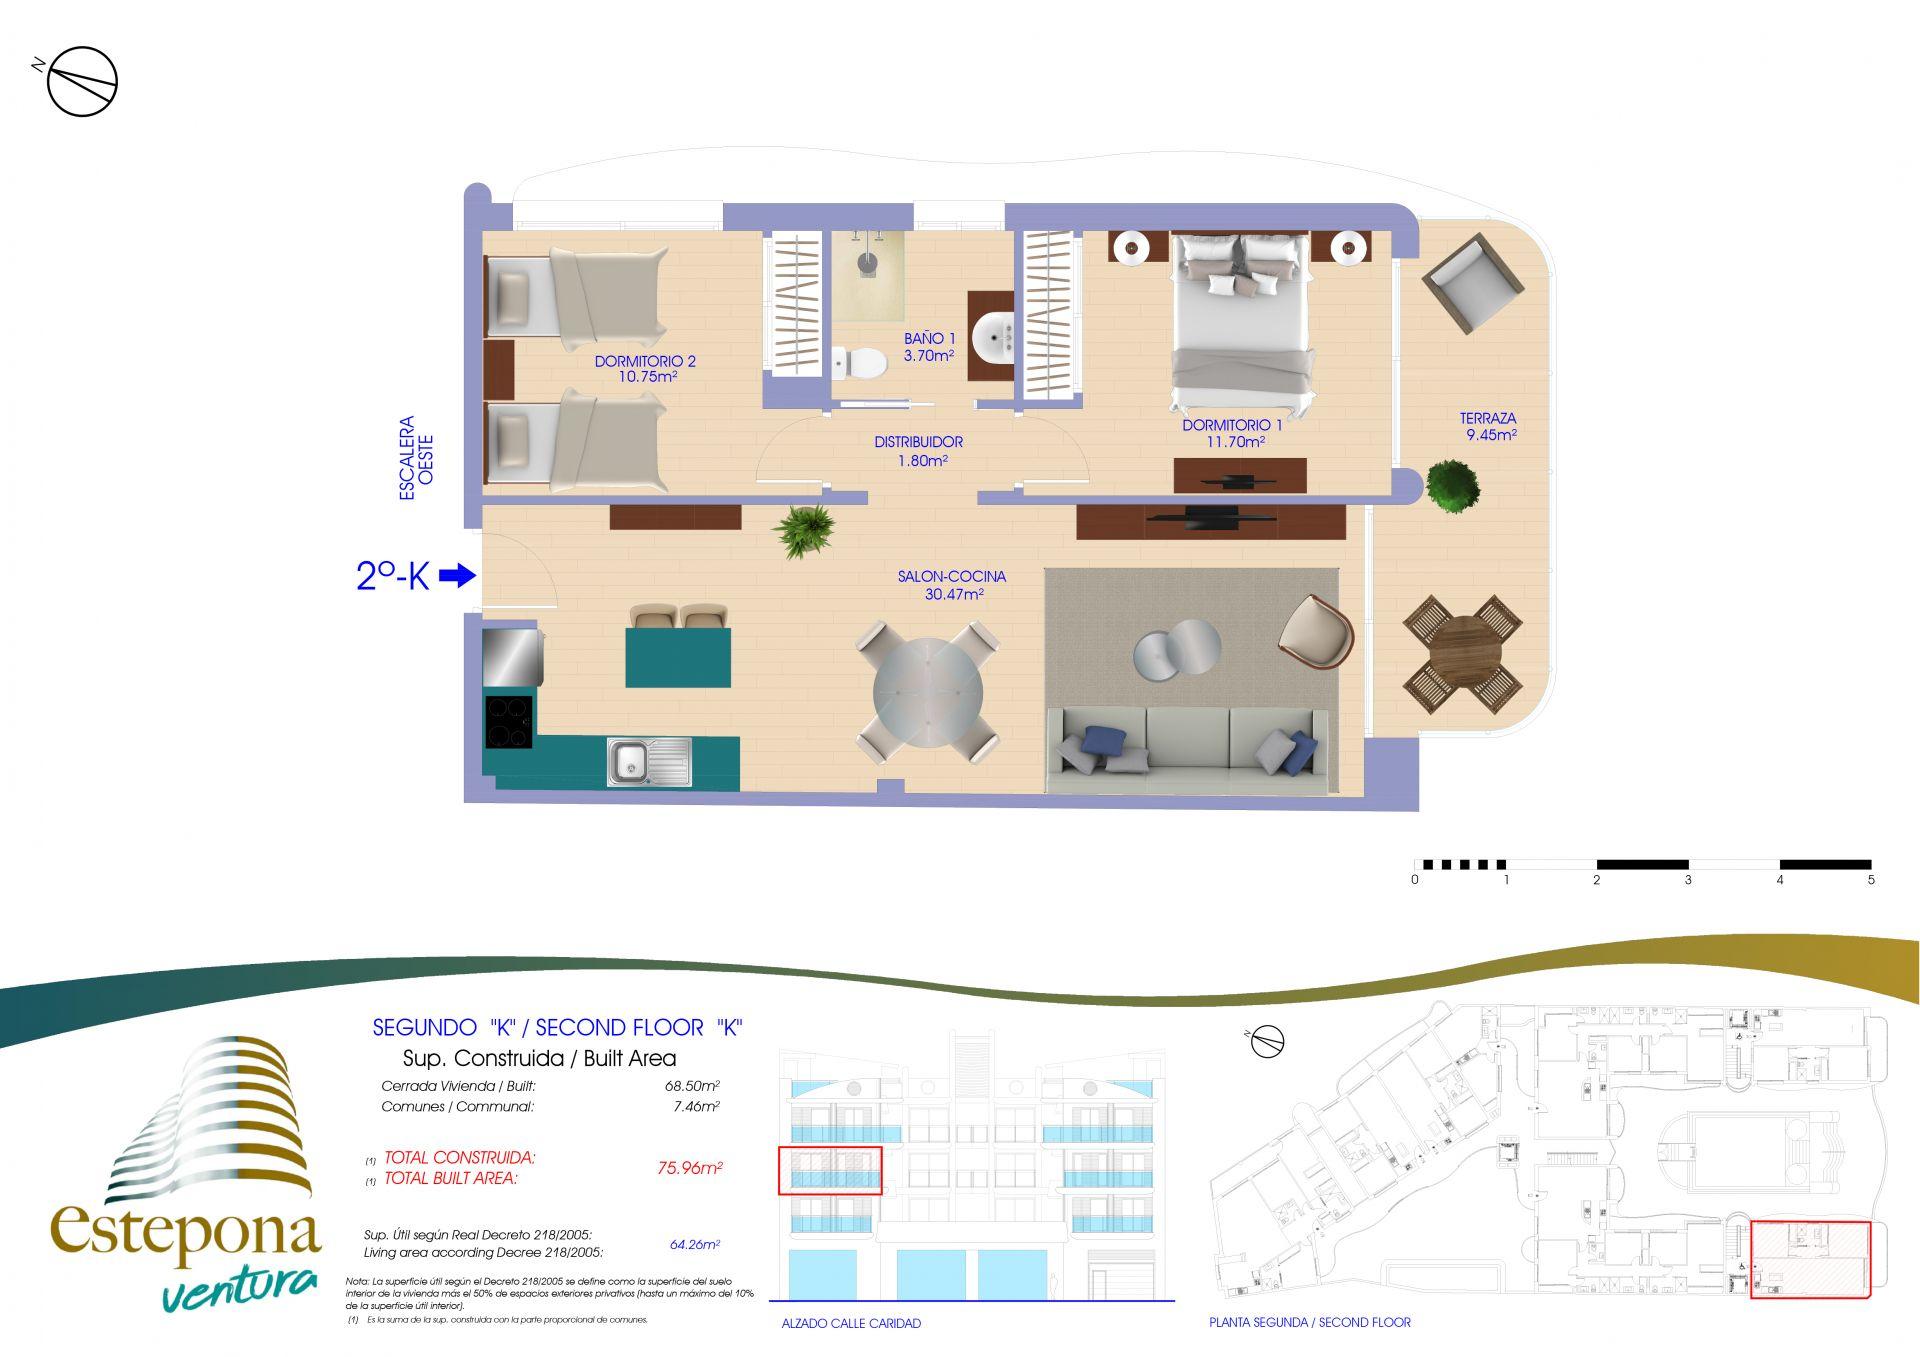 20201221 2º K  - Ventura Estepona | Compra de casa en Estepona